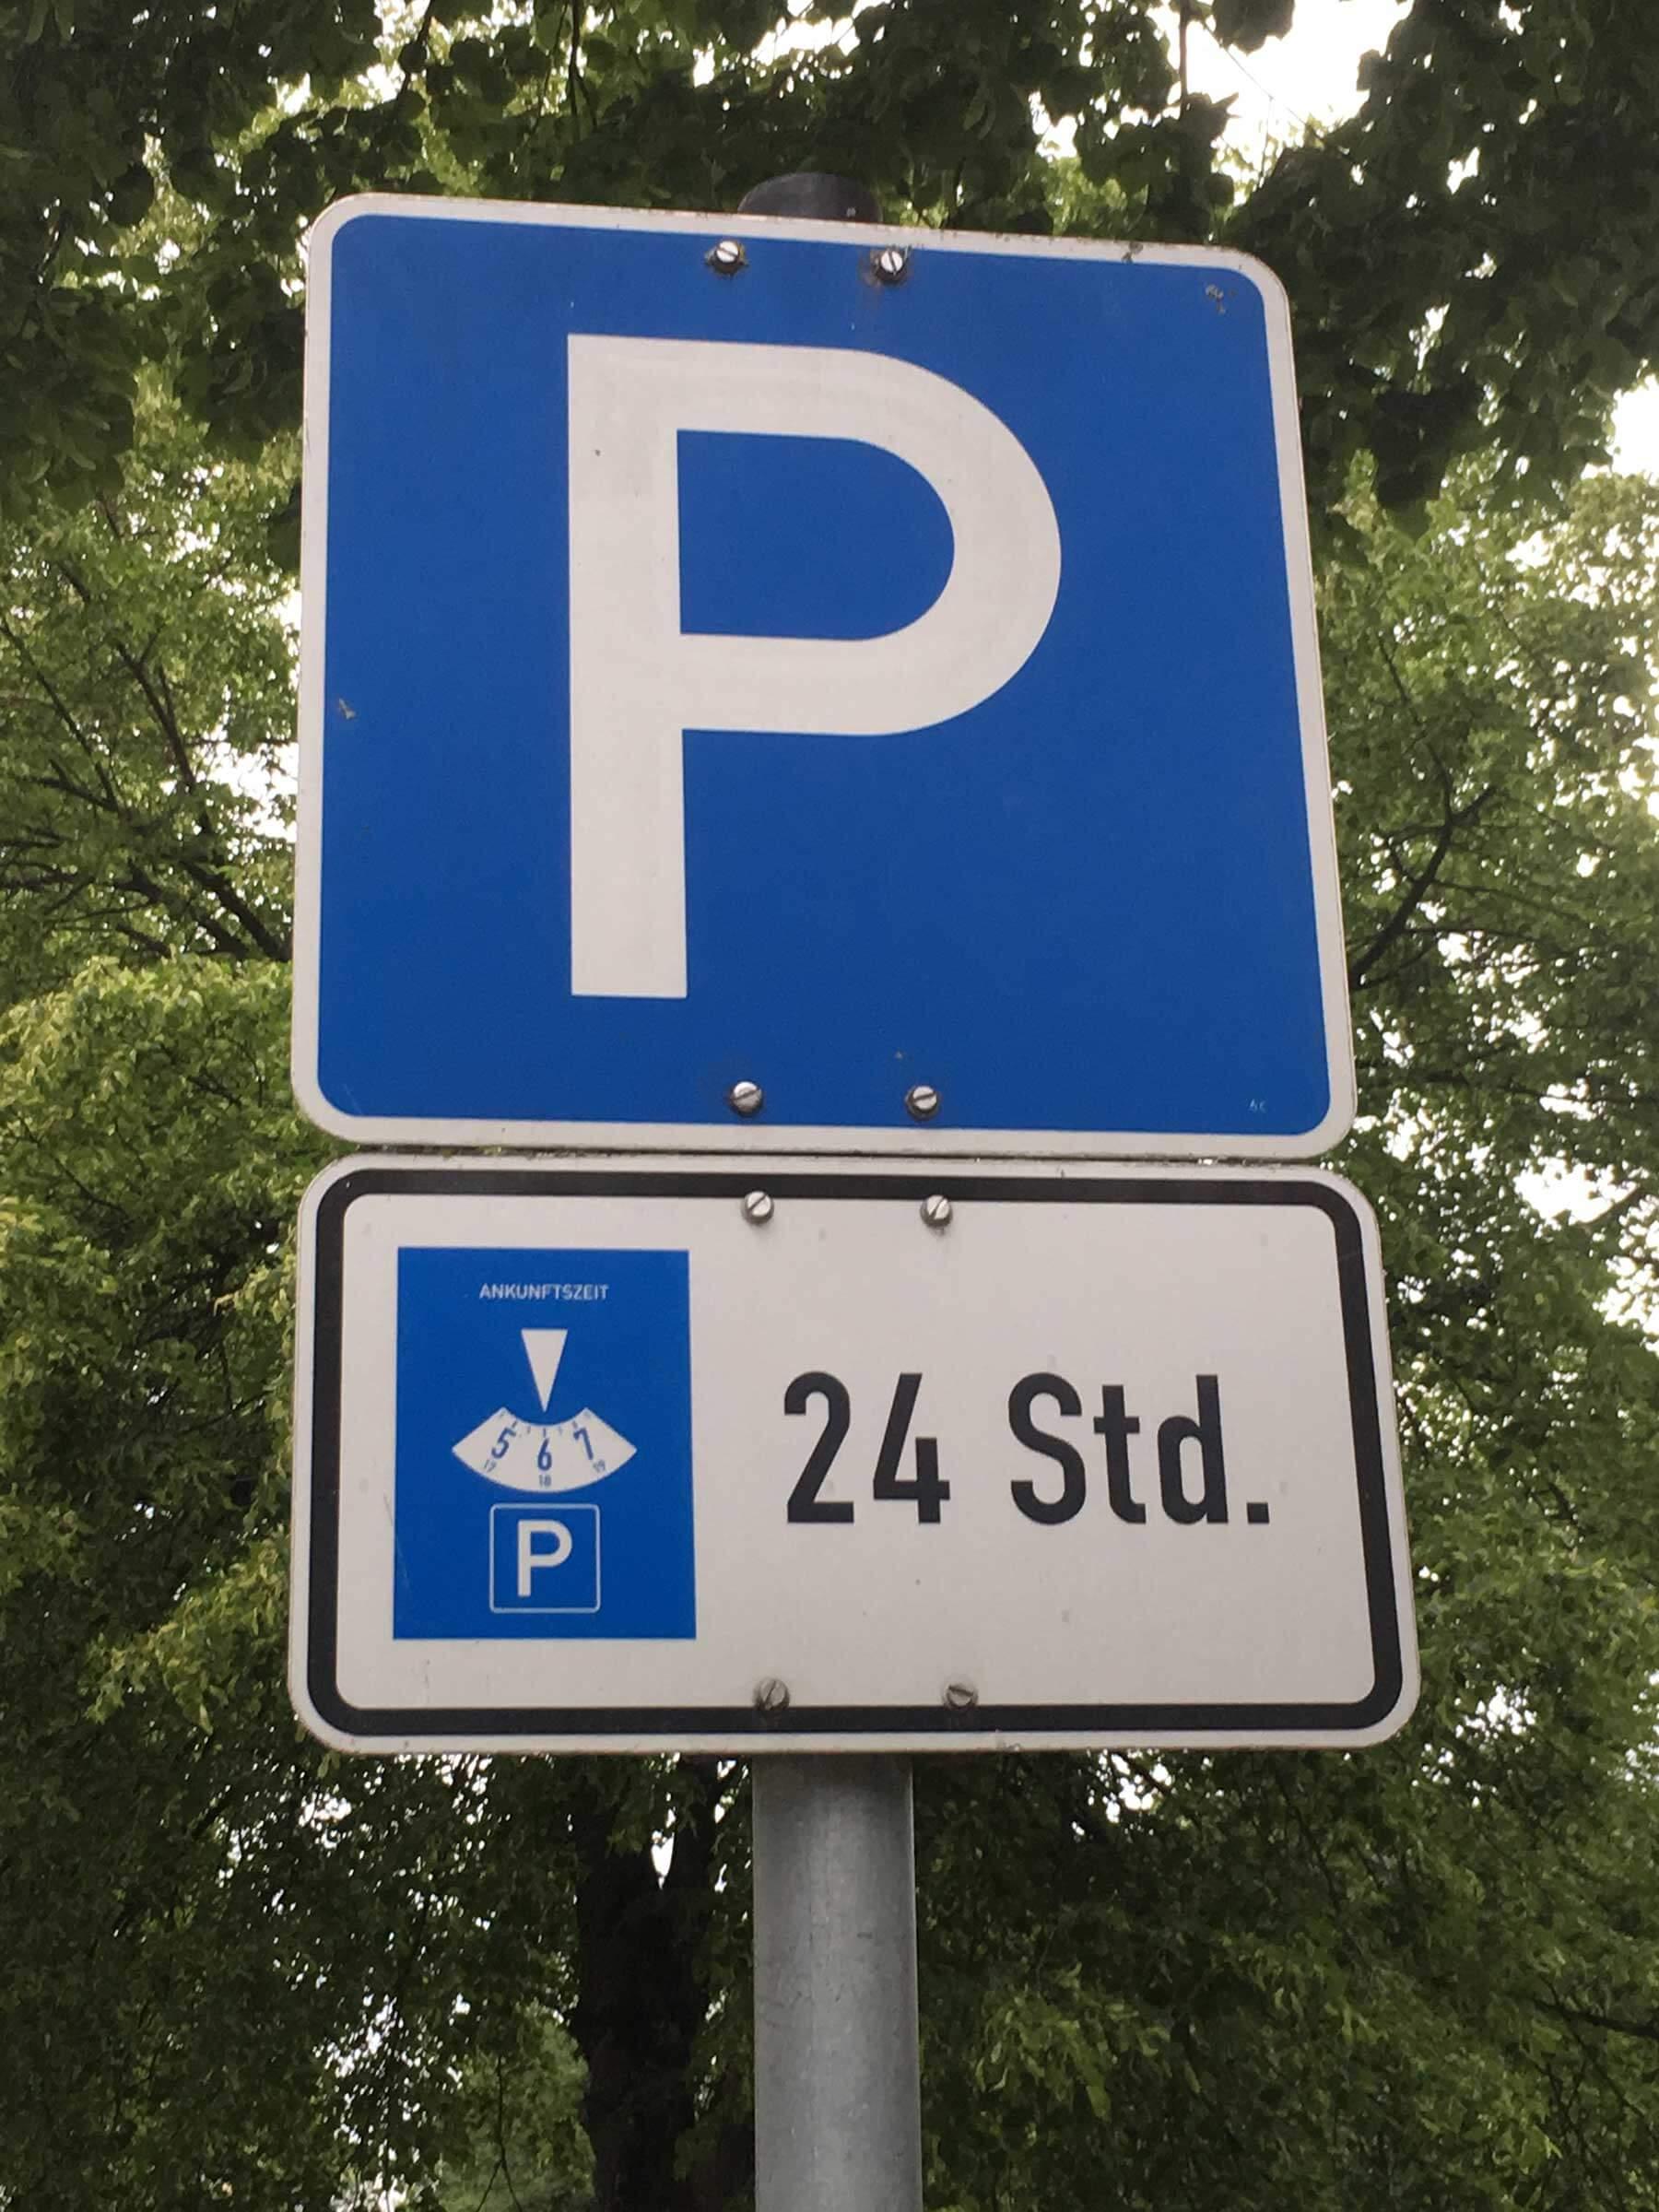 Bilderparade D LangweileDich.net_Bilderparade_D_47